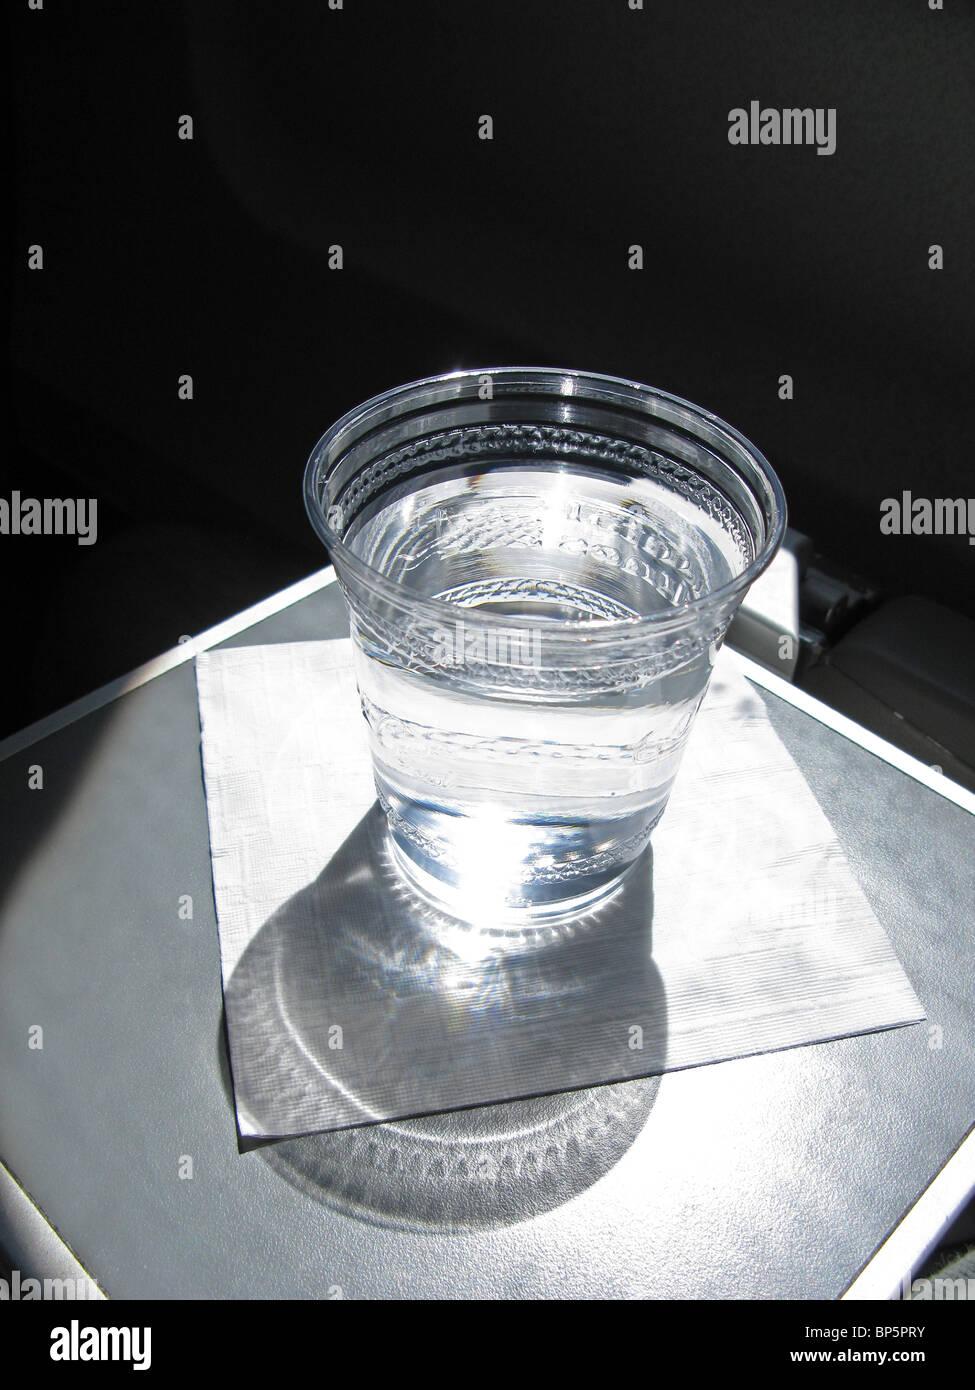 Une tasse en plastique rempli d'eau sur une serviette blanche sur un avion du conducteur bac avec une forte Photo Stock